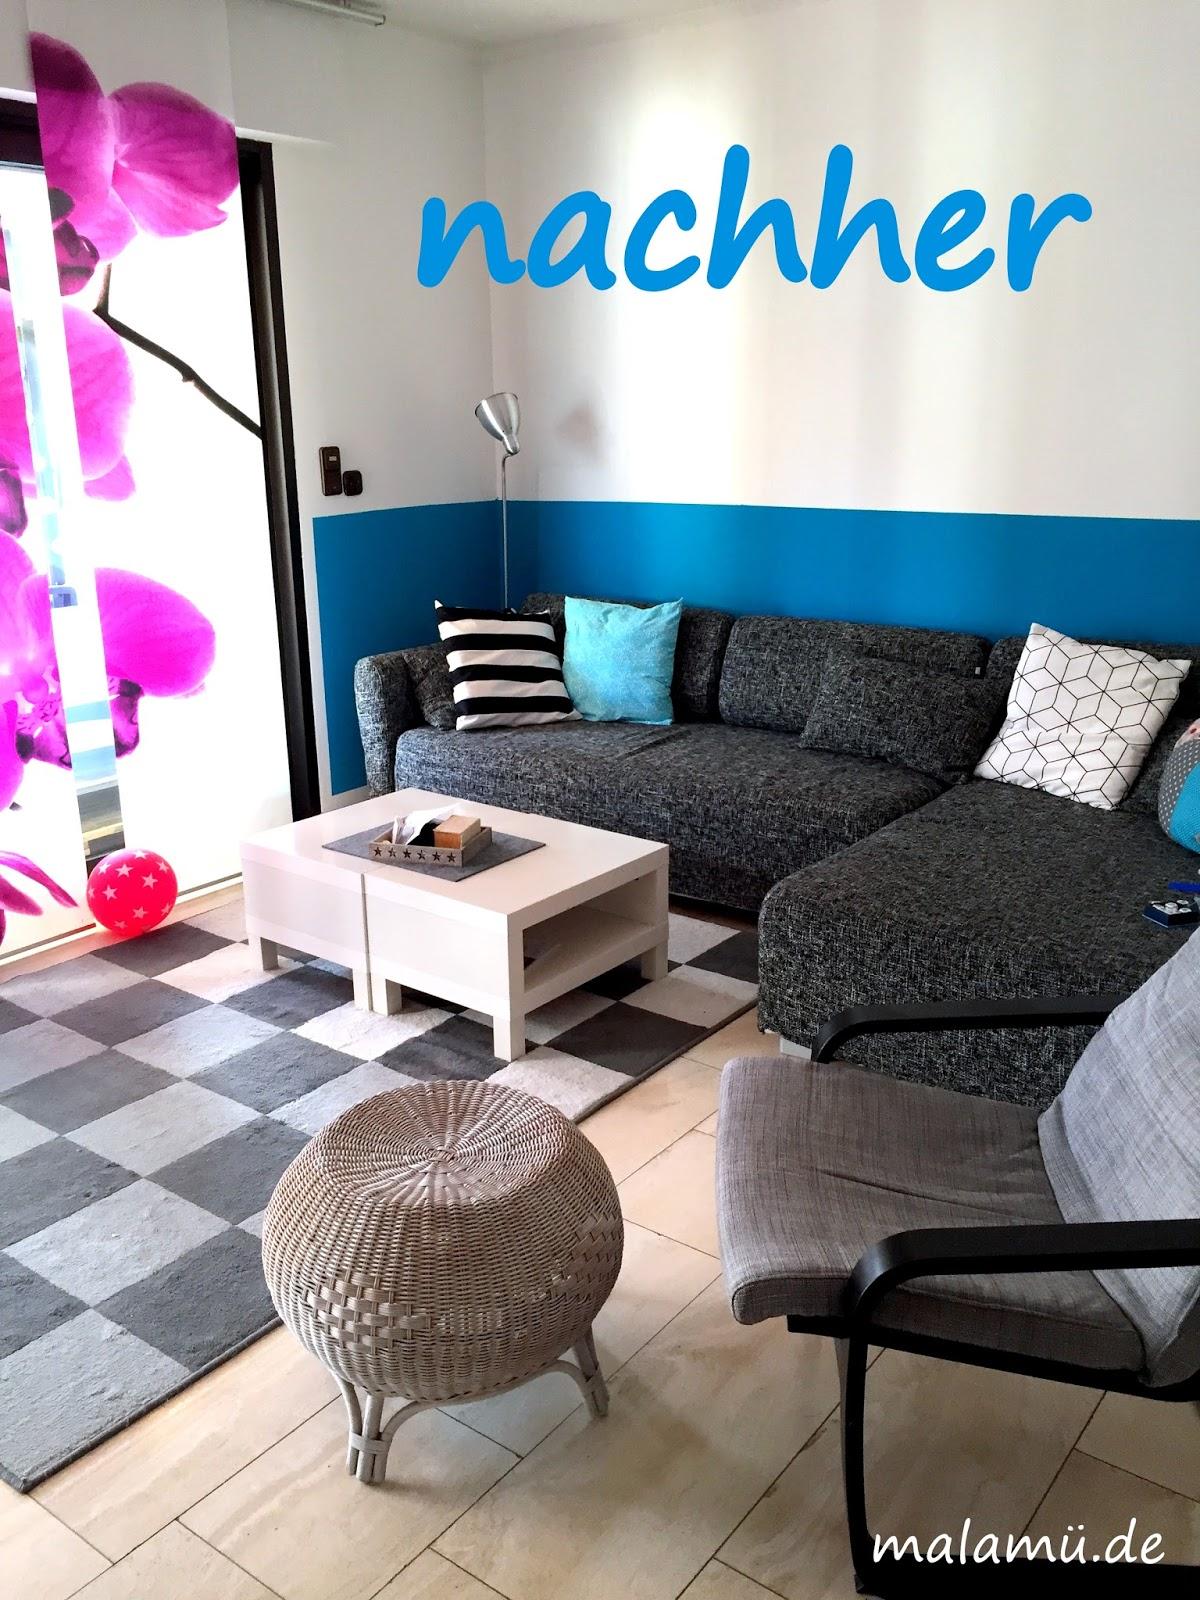 Einfach schöne Sachen...by malamü: Pimp my Wohnzimmer oder neue ...